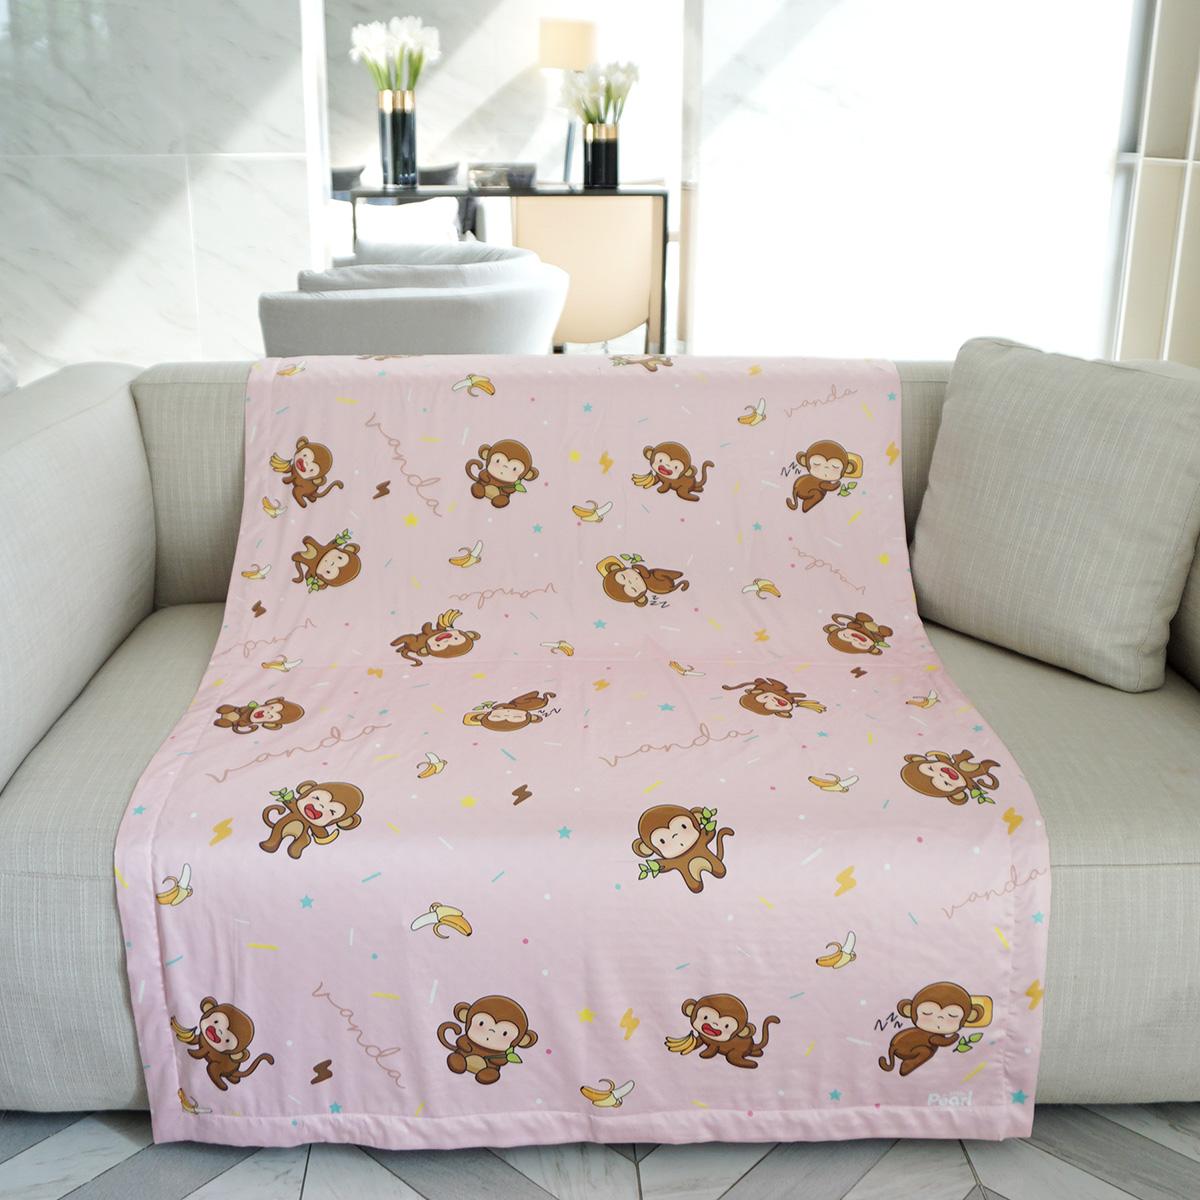 ผ้าห่ม ใส่ชื่อ Monkey Pattern - Pink ไซส์ใหญ่ 100x150cm